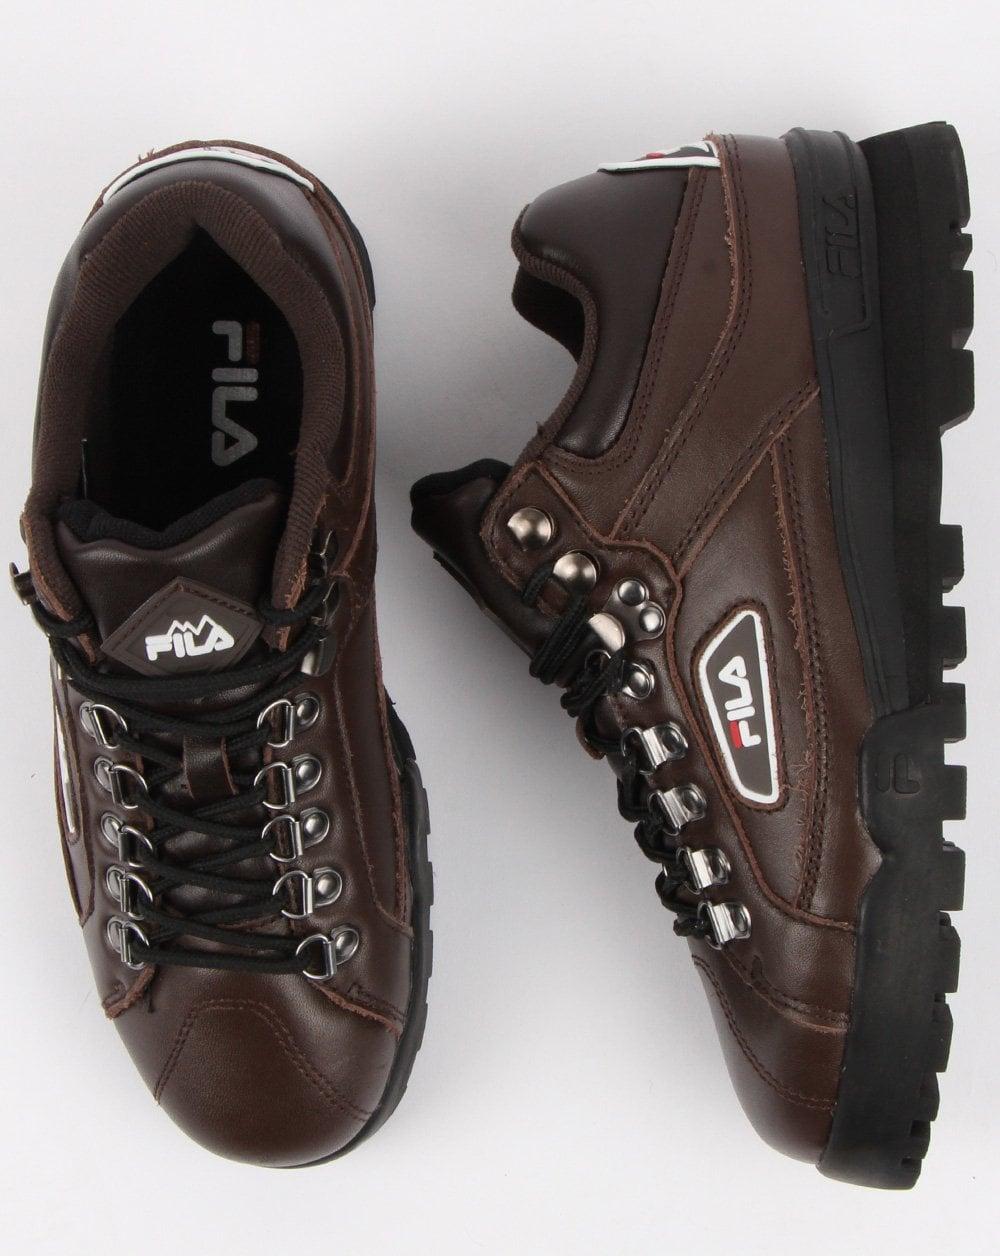 77e48f90b79 Fila Trailblazer Boots Brown